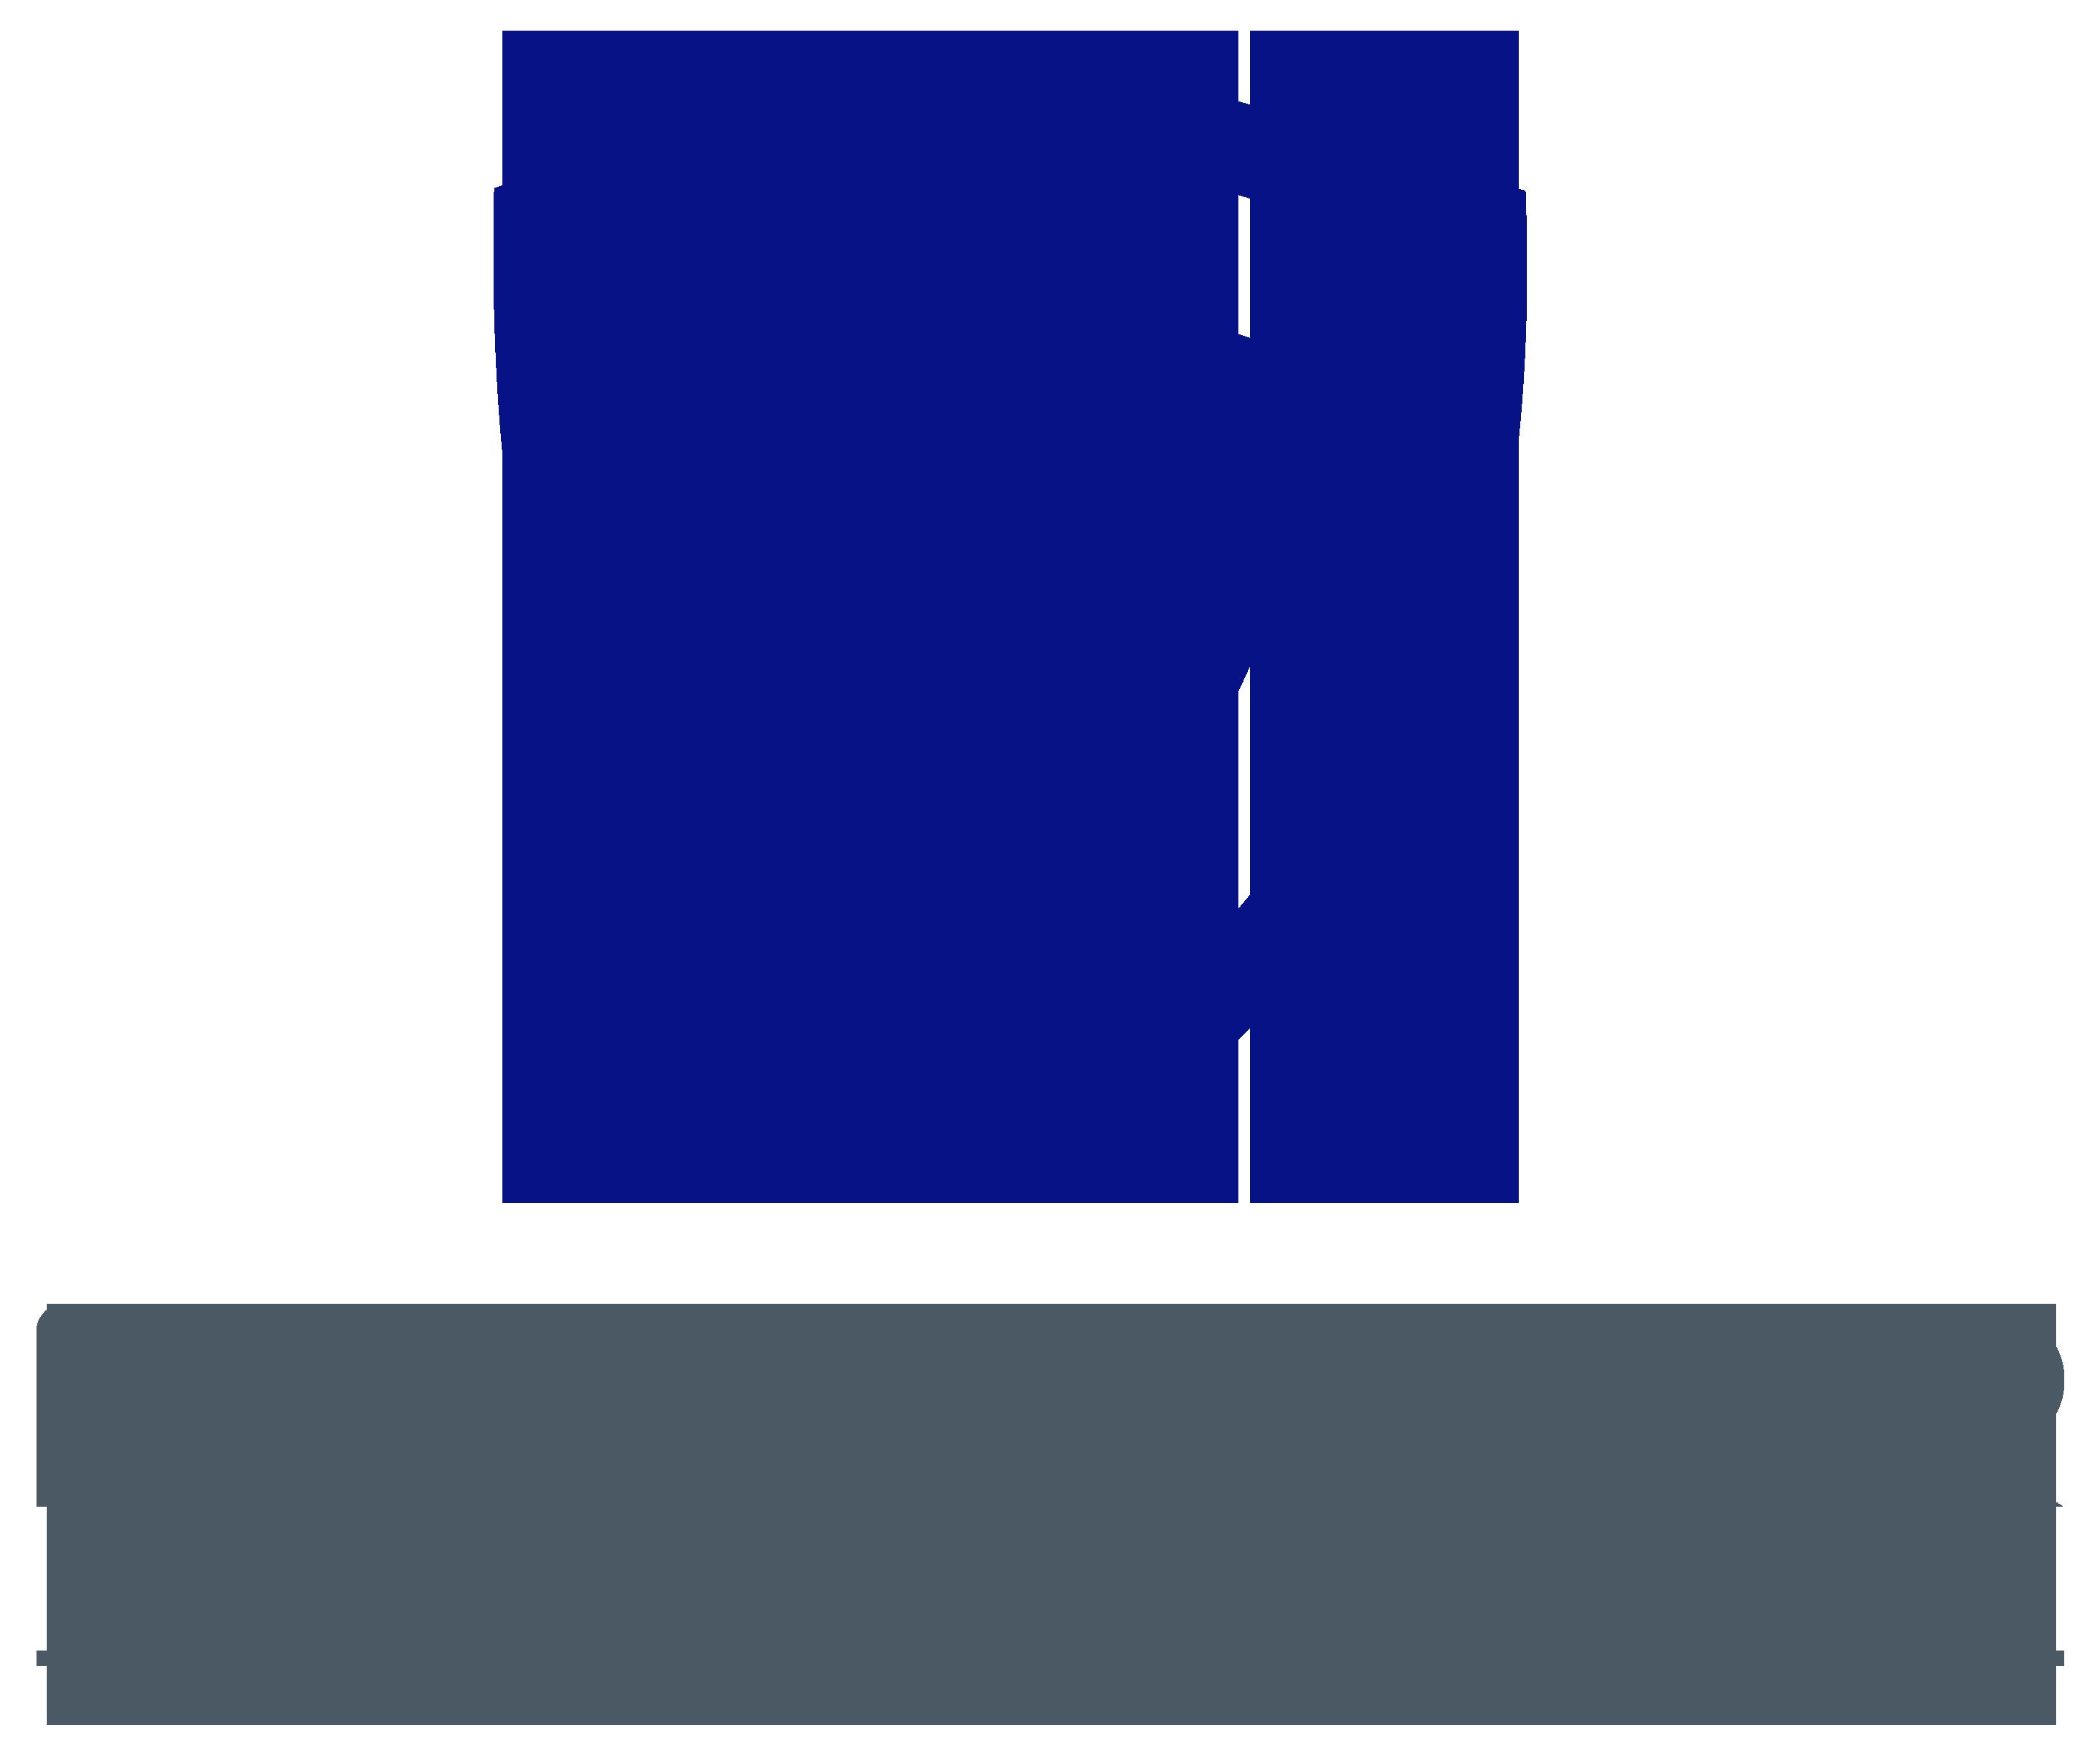 MonitorChain